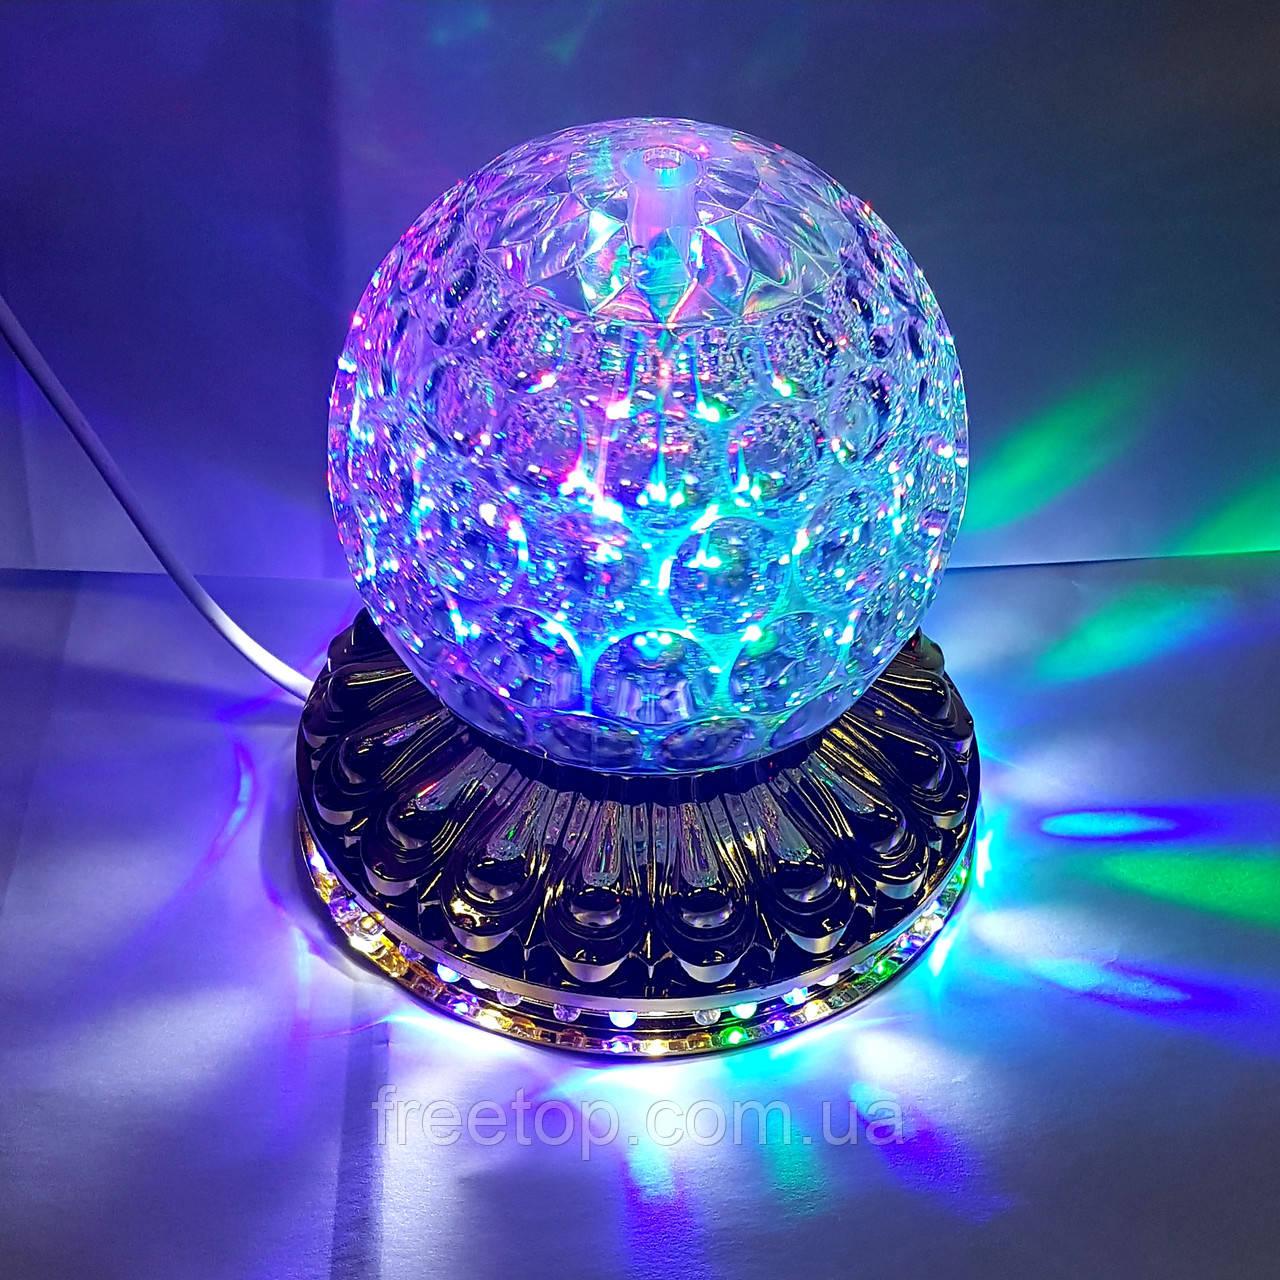 Диско-Лампа Хрустальный шар LED Magic Ball Light